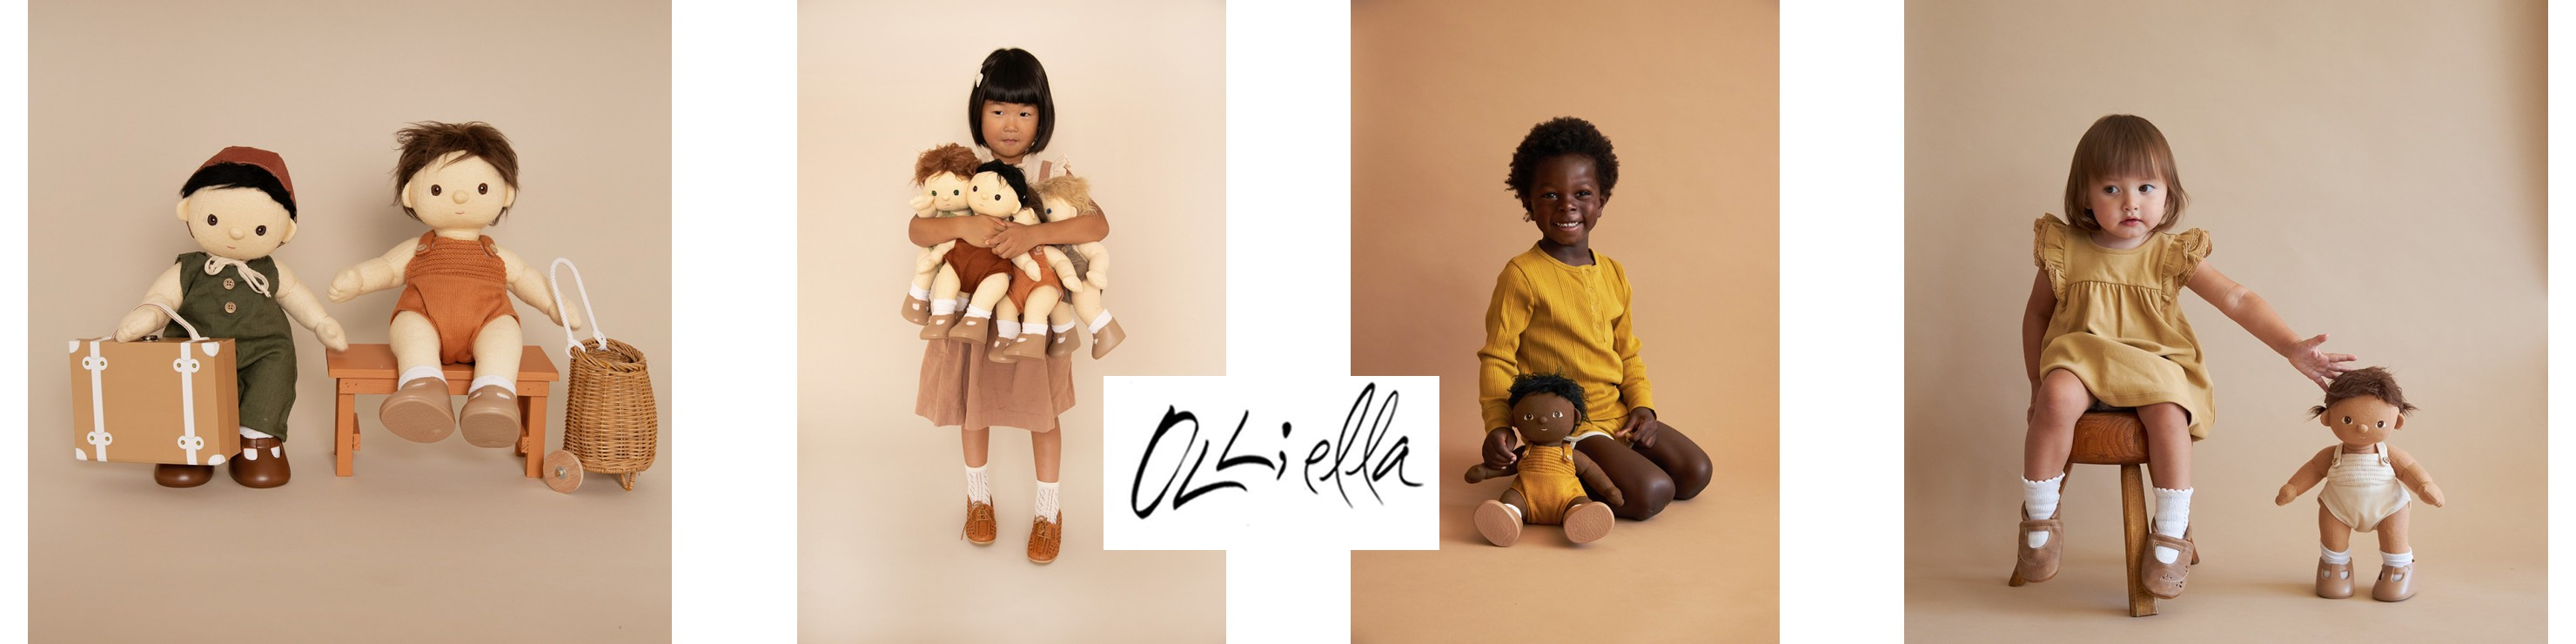 Poupées Dinkum, paniers Luggy et Chari de la marque anglo-australienne Olli Ella